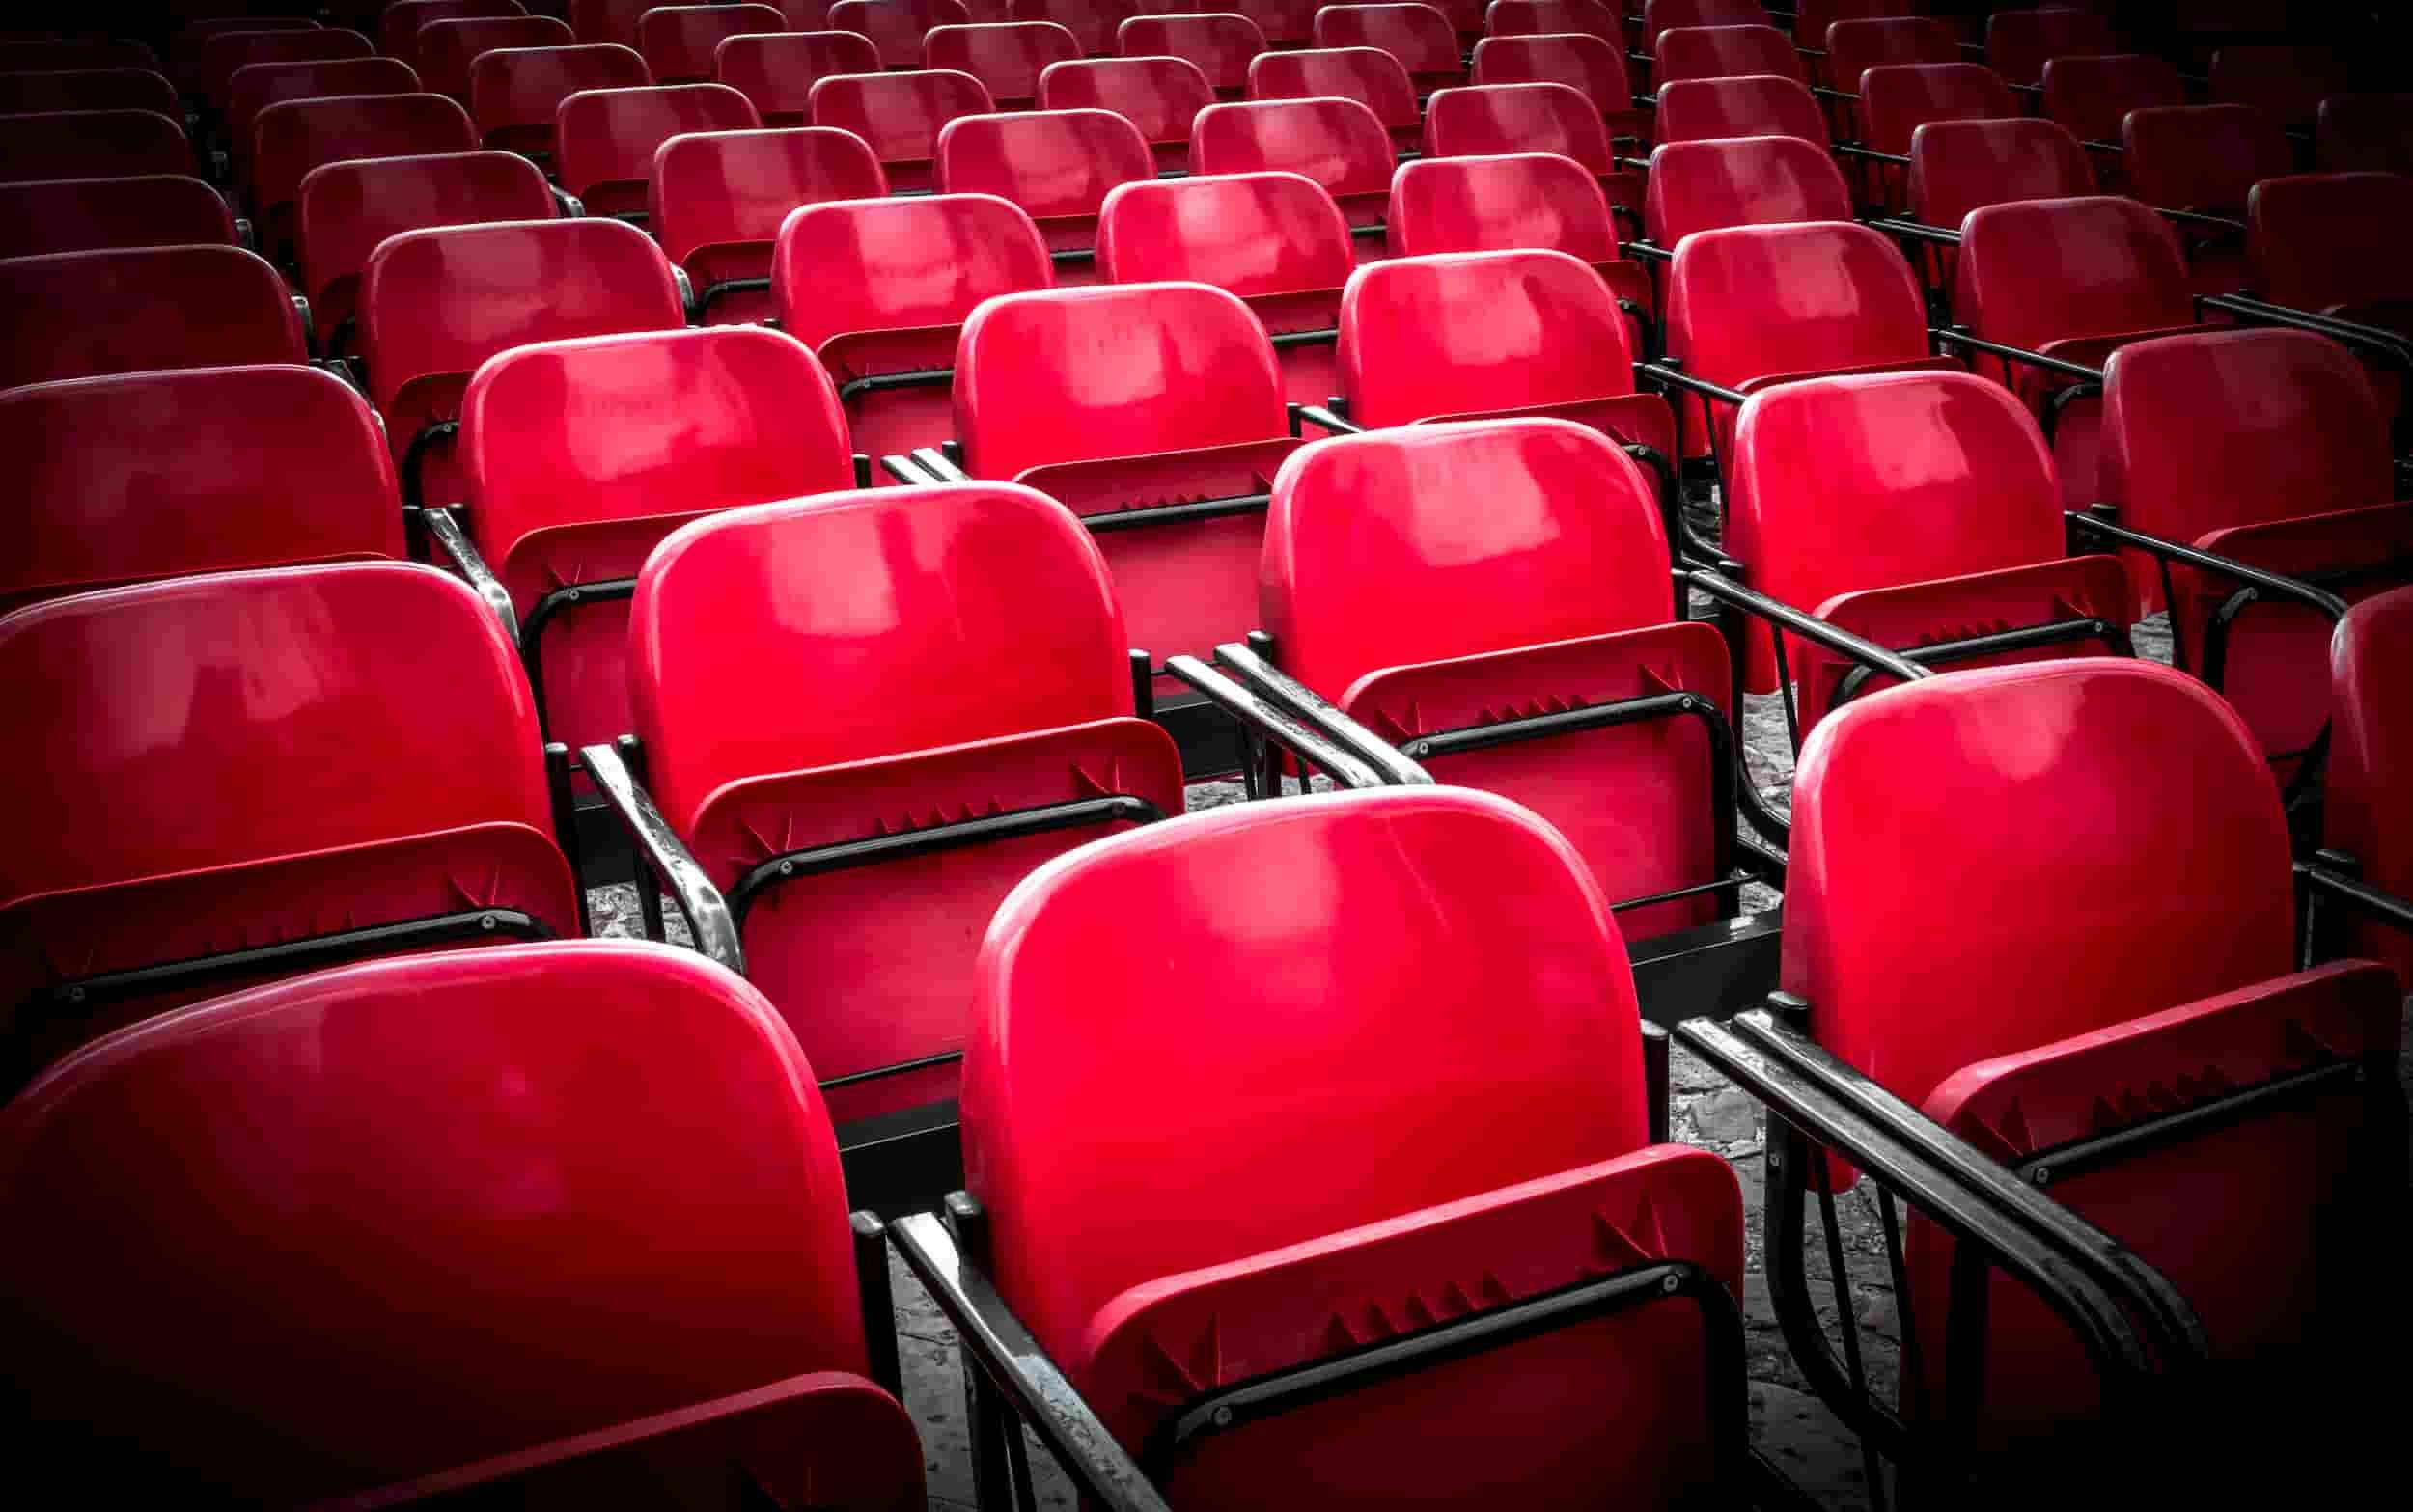 manutenzione-impianti-teatro-roma